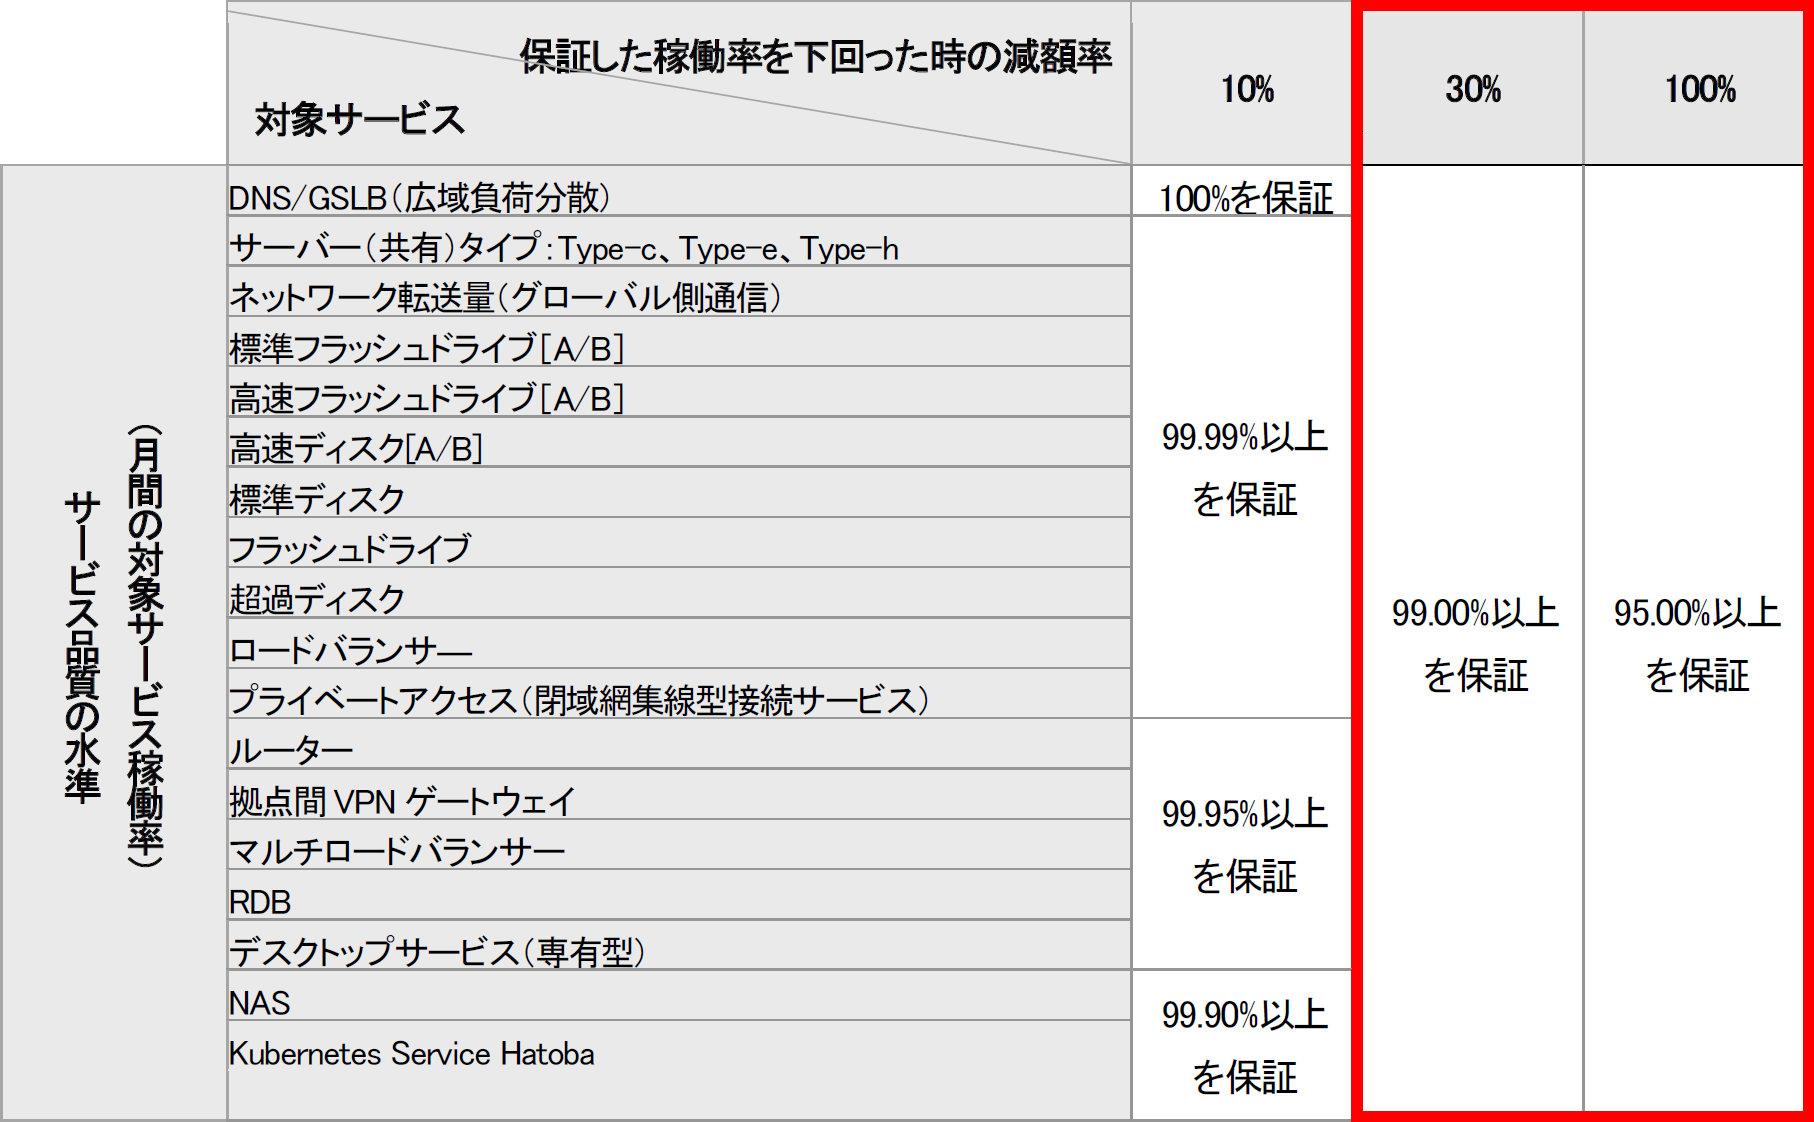 新しいサービス品質の水準と減額率※赤枠部分が今回拡充した内容ジ